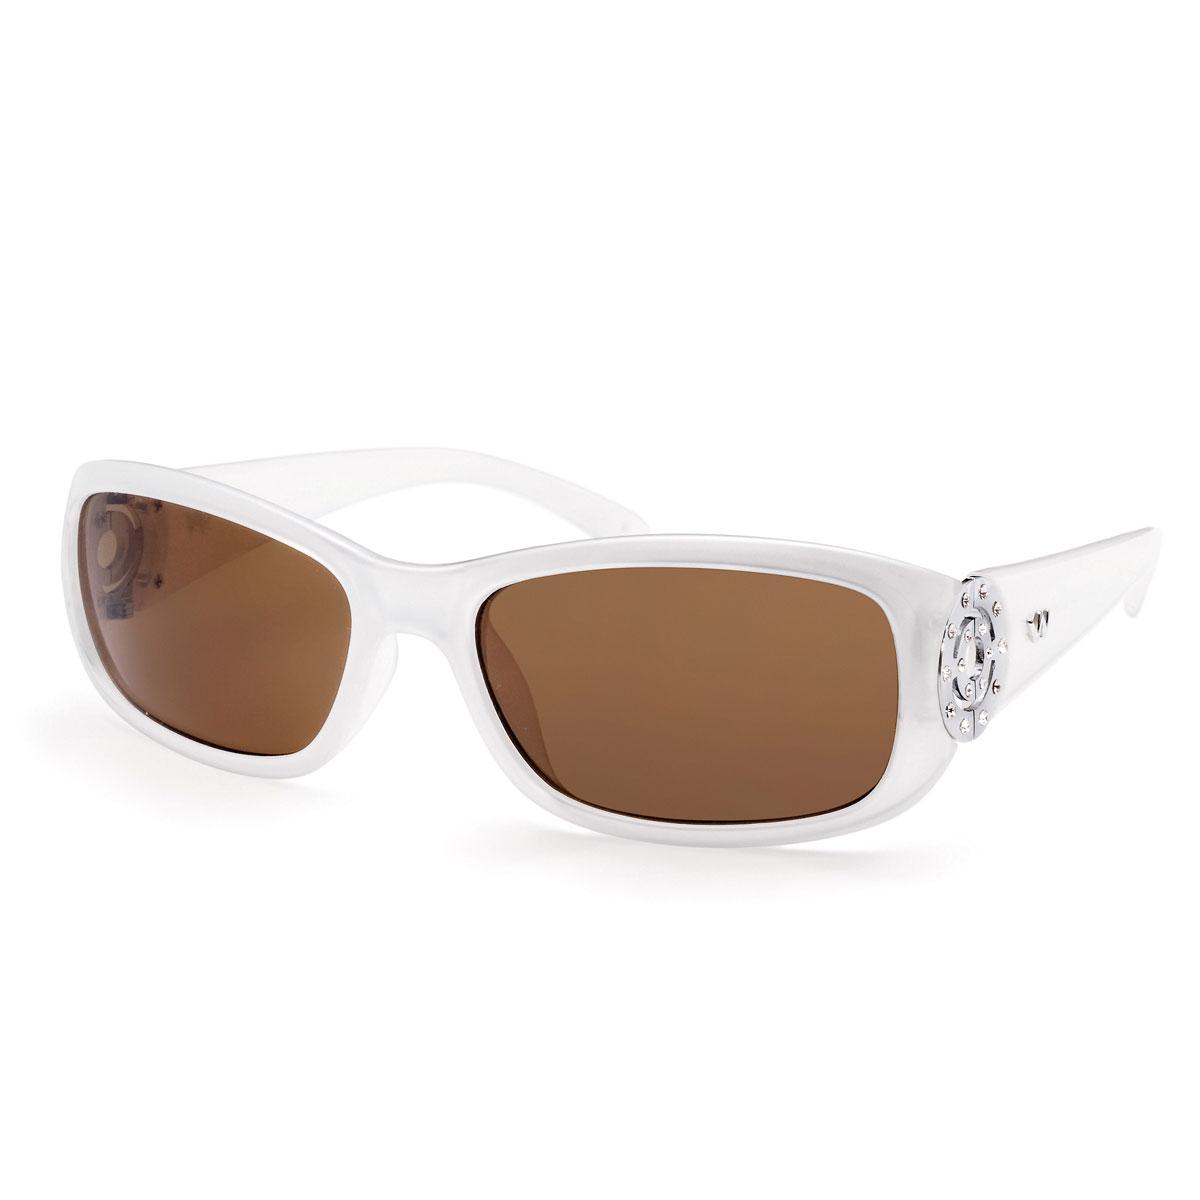 عینک آفتابی مدل آرکانزاس سفید